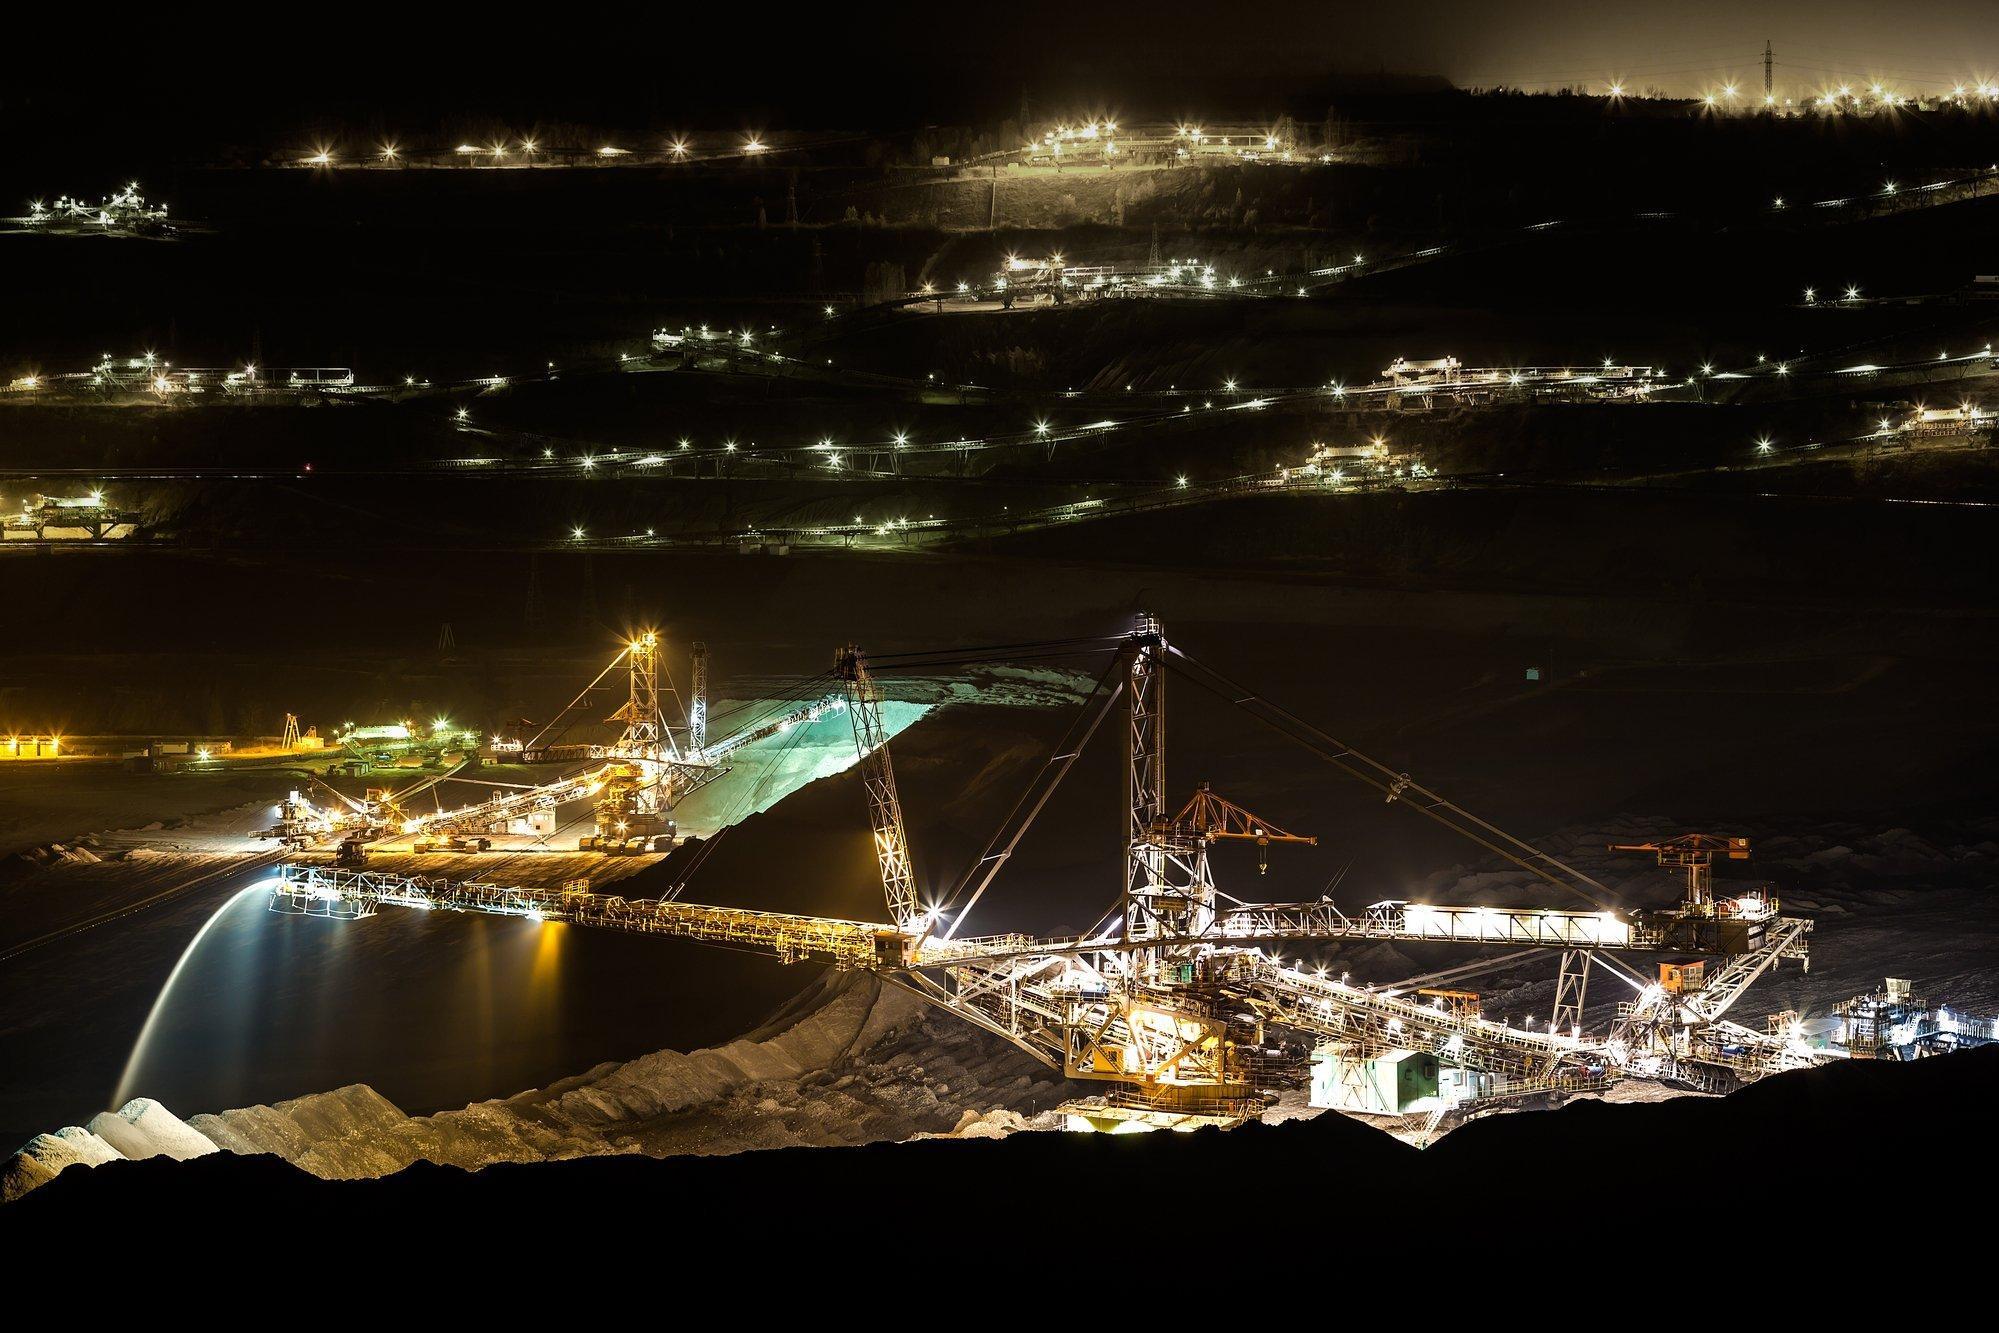 Kohletagebau bei Nacht, die riesigen Maschinen sind hell angestrahlt